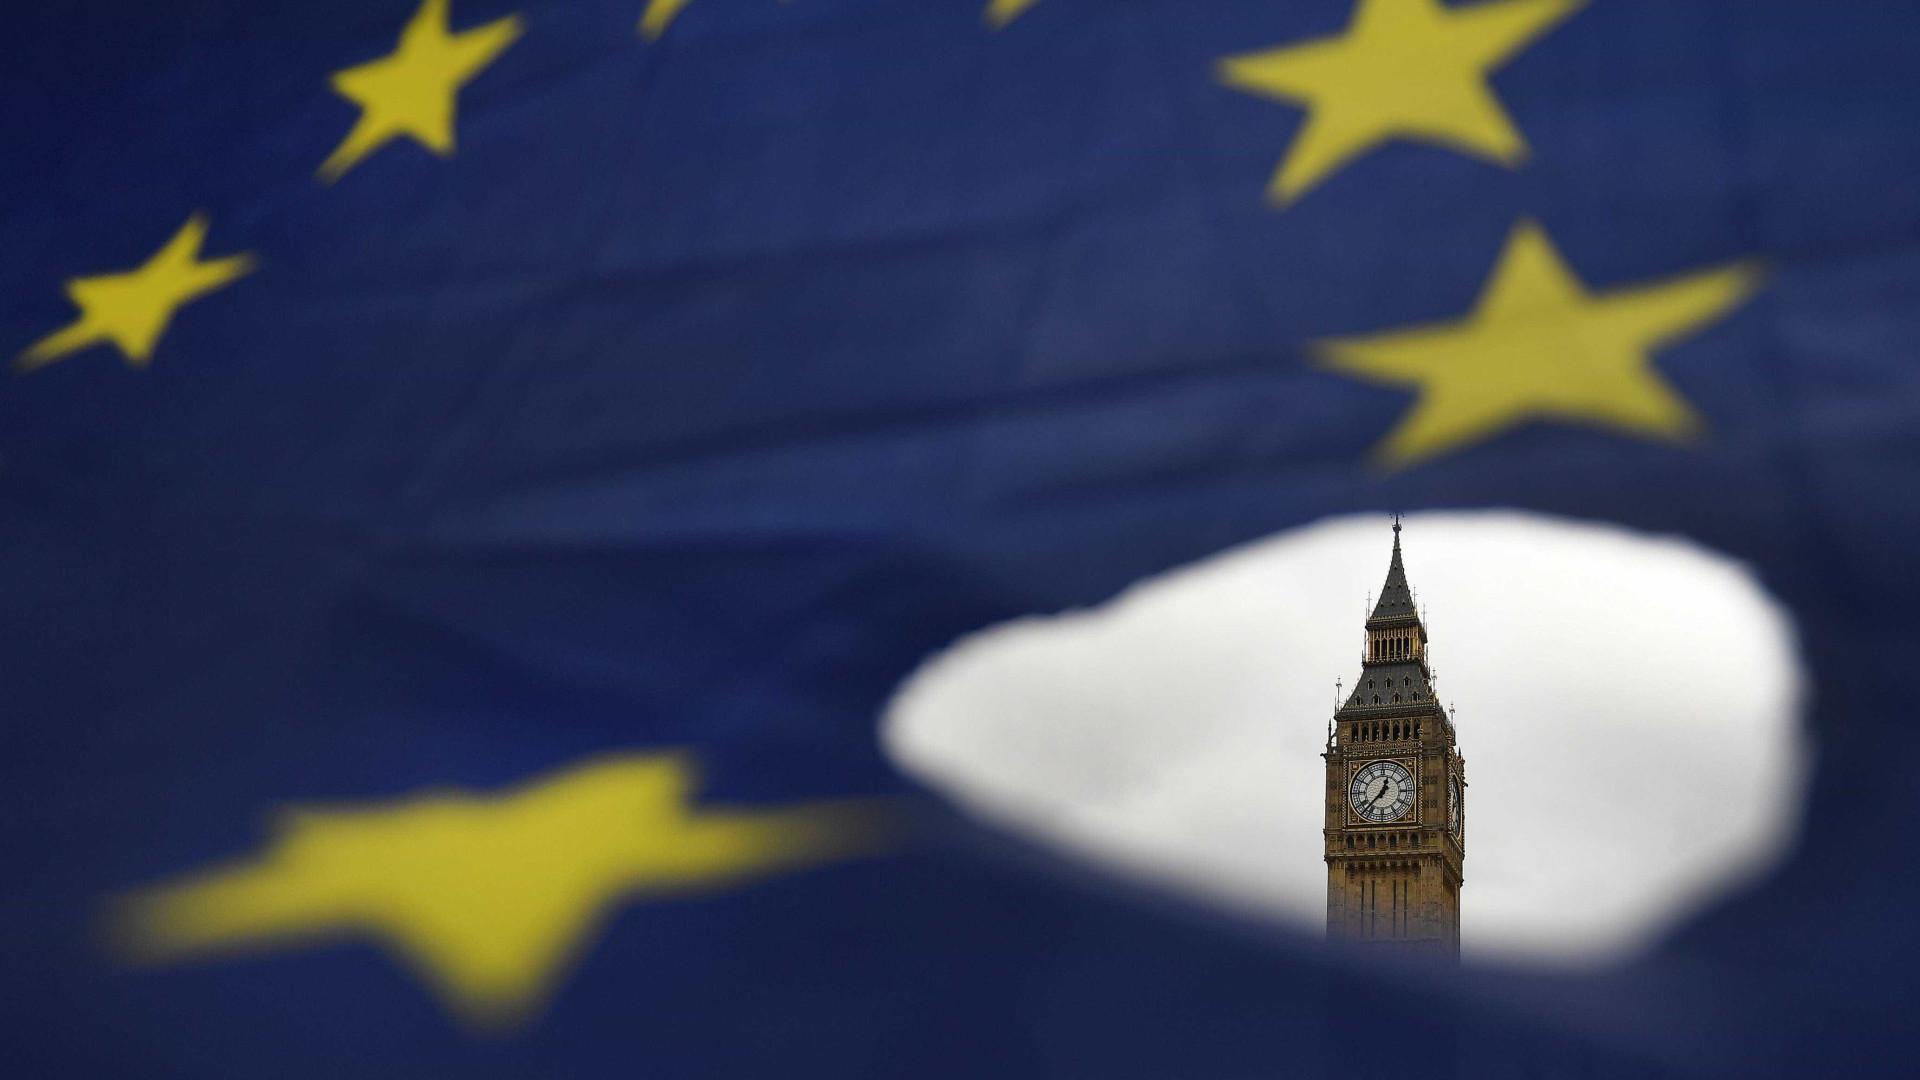 Negociações sobre saída do Reino Unido iniciam-se hoje em Bruxelas